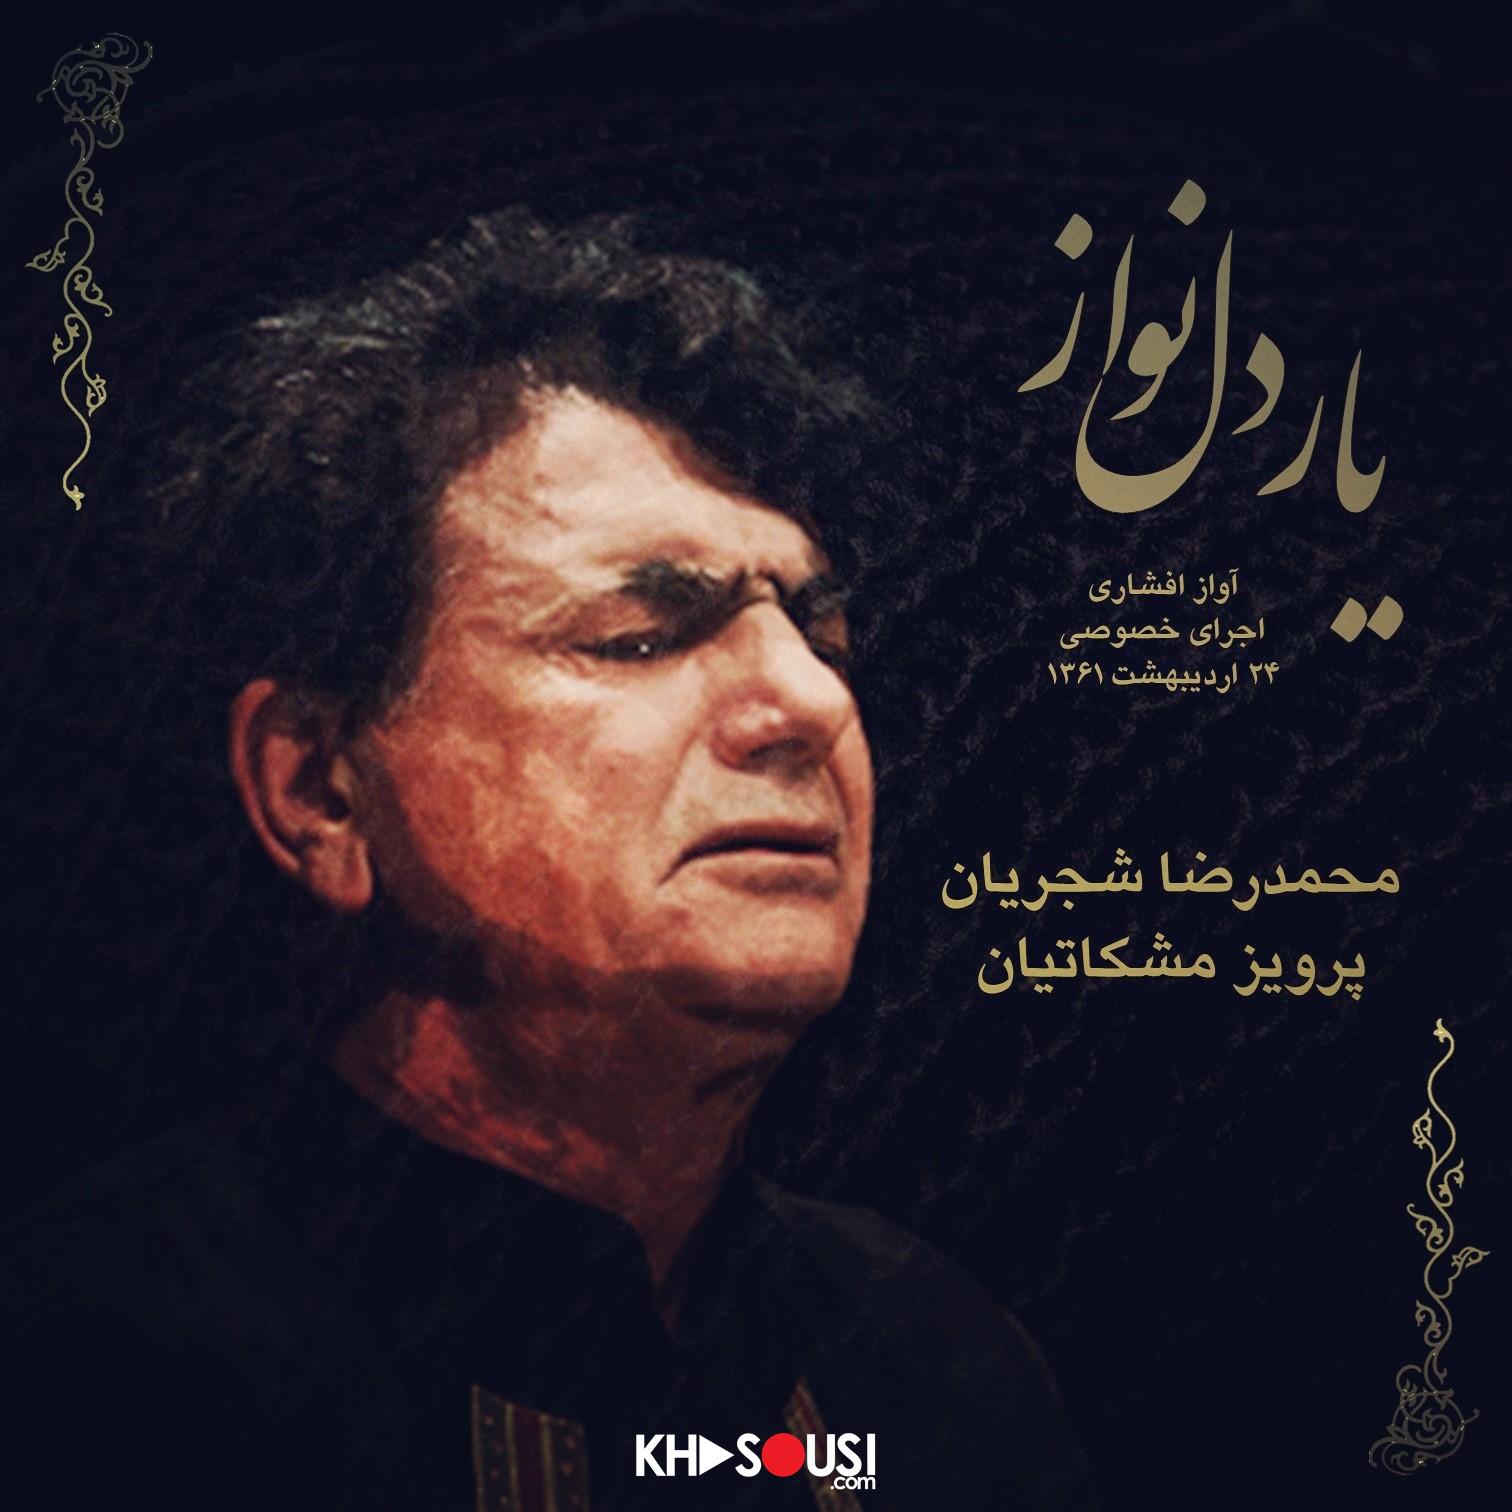 یار دلنواز - اجرای خصوصی محمدرضا شجریان و پرویز مشکاتیان